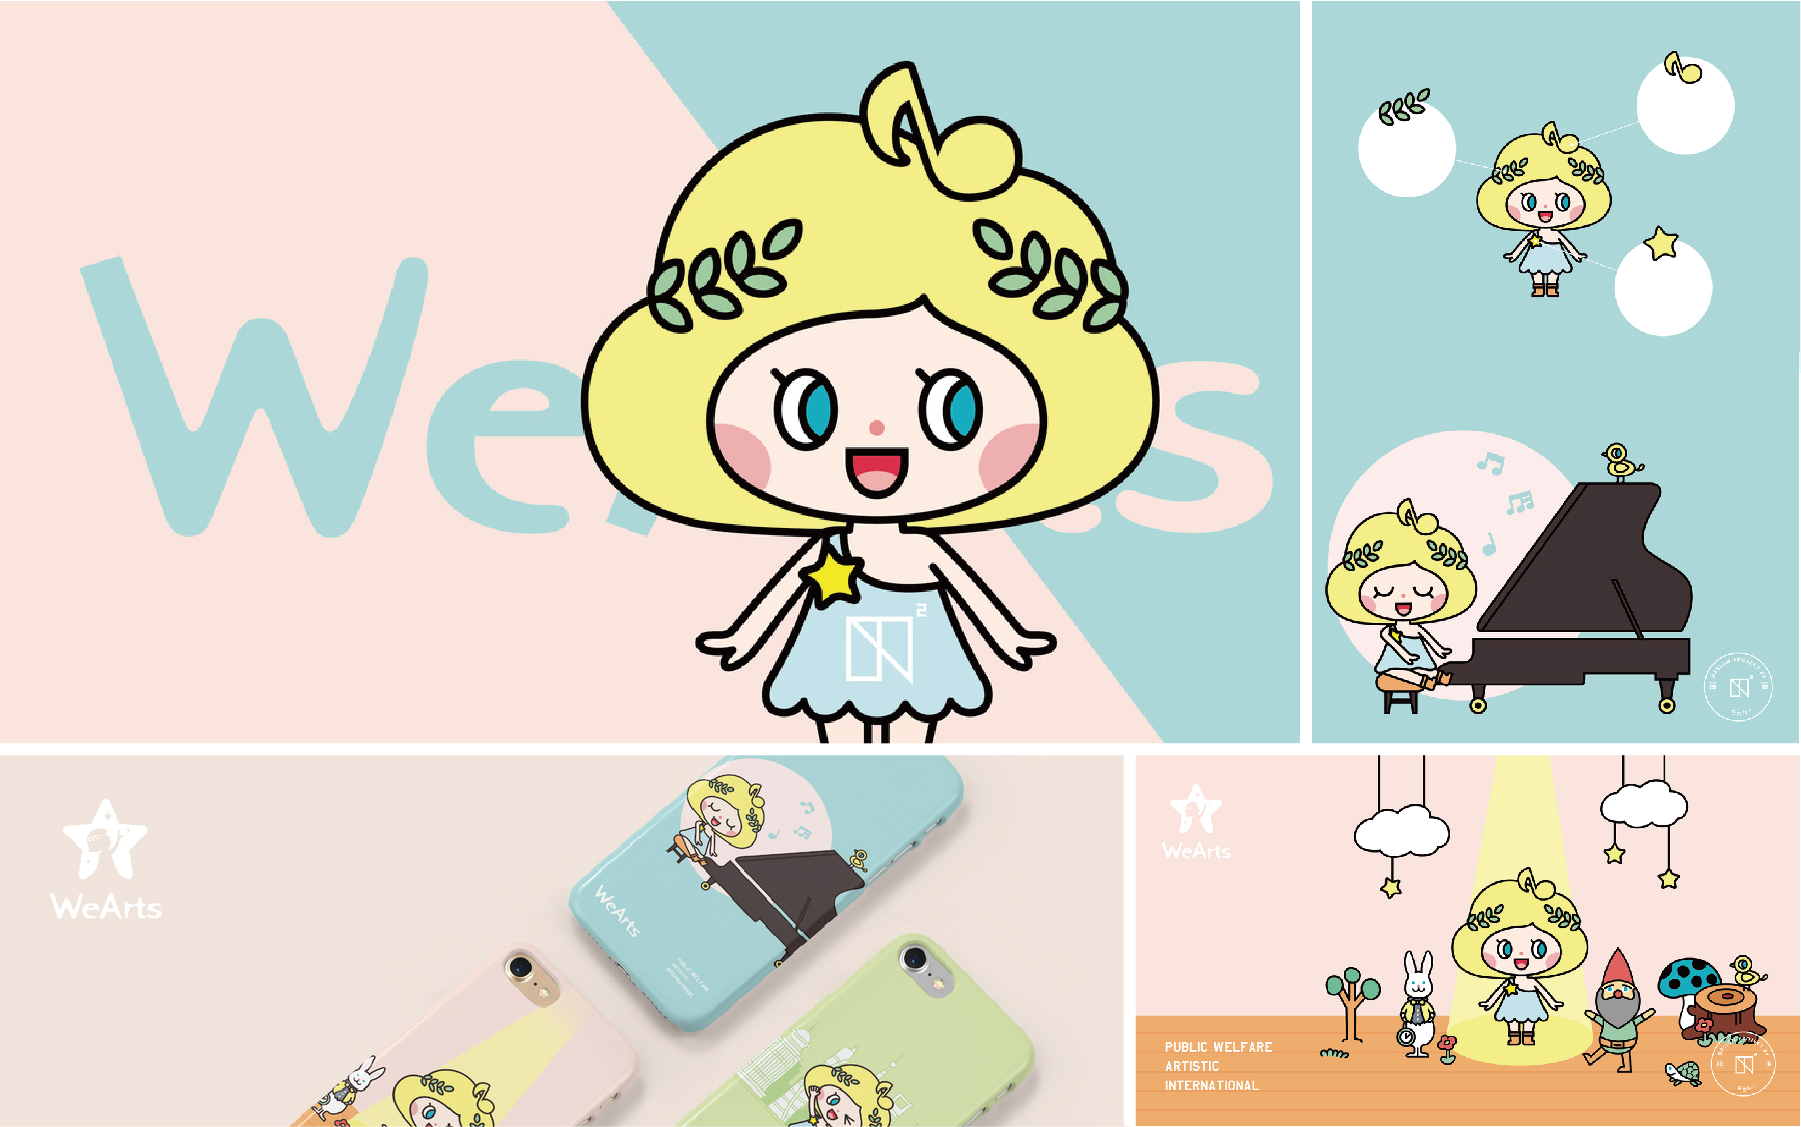 定制卡通形象设计,吉祥物设计,logo,动画模型商业IP形象